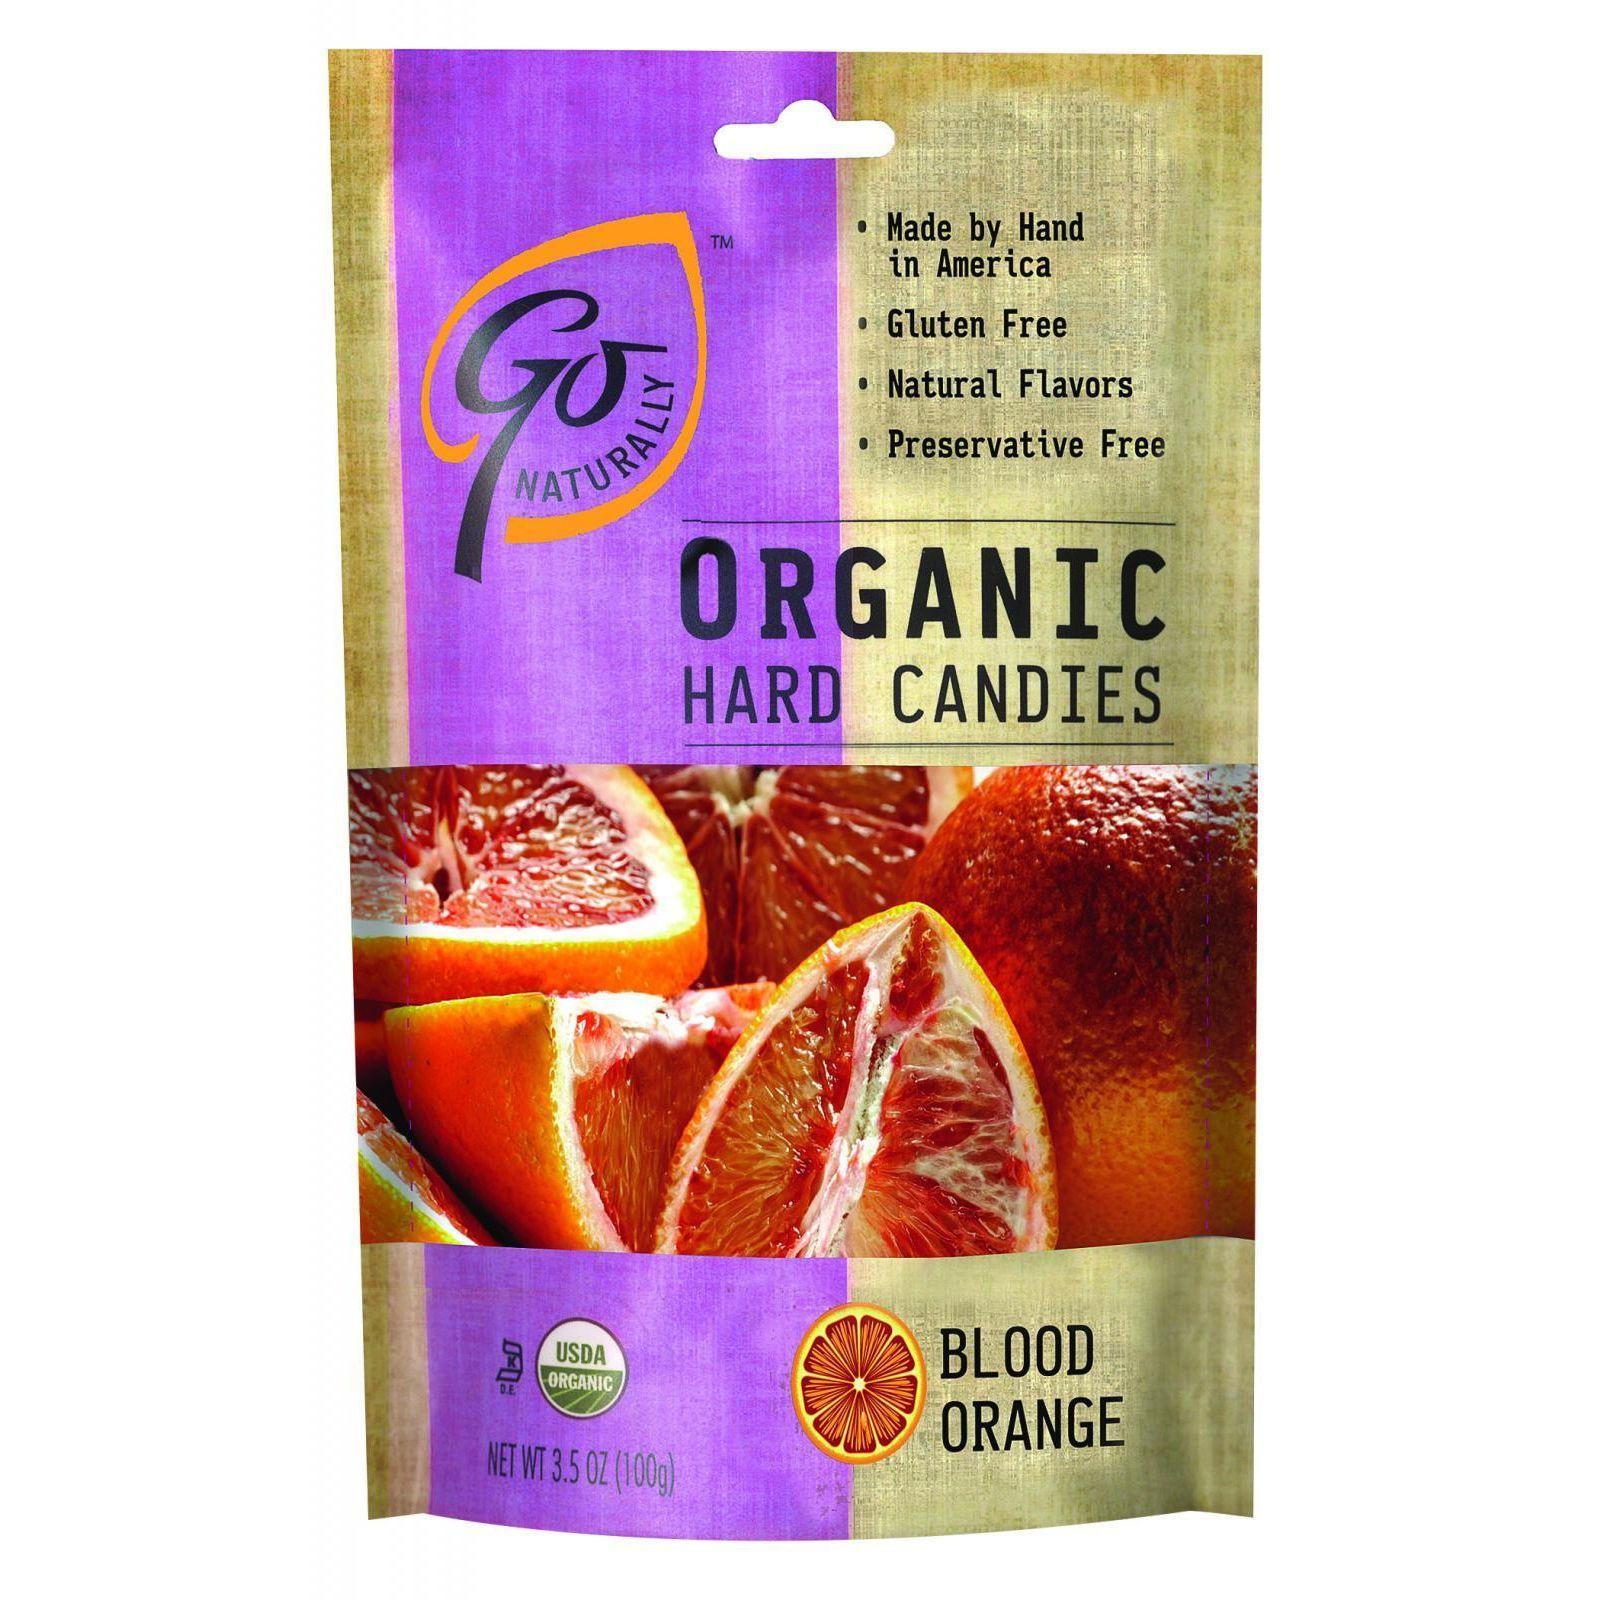 Go Organic Hard Candy - Blood Orange - 3.5 oz - Case of 6